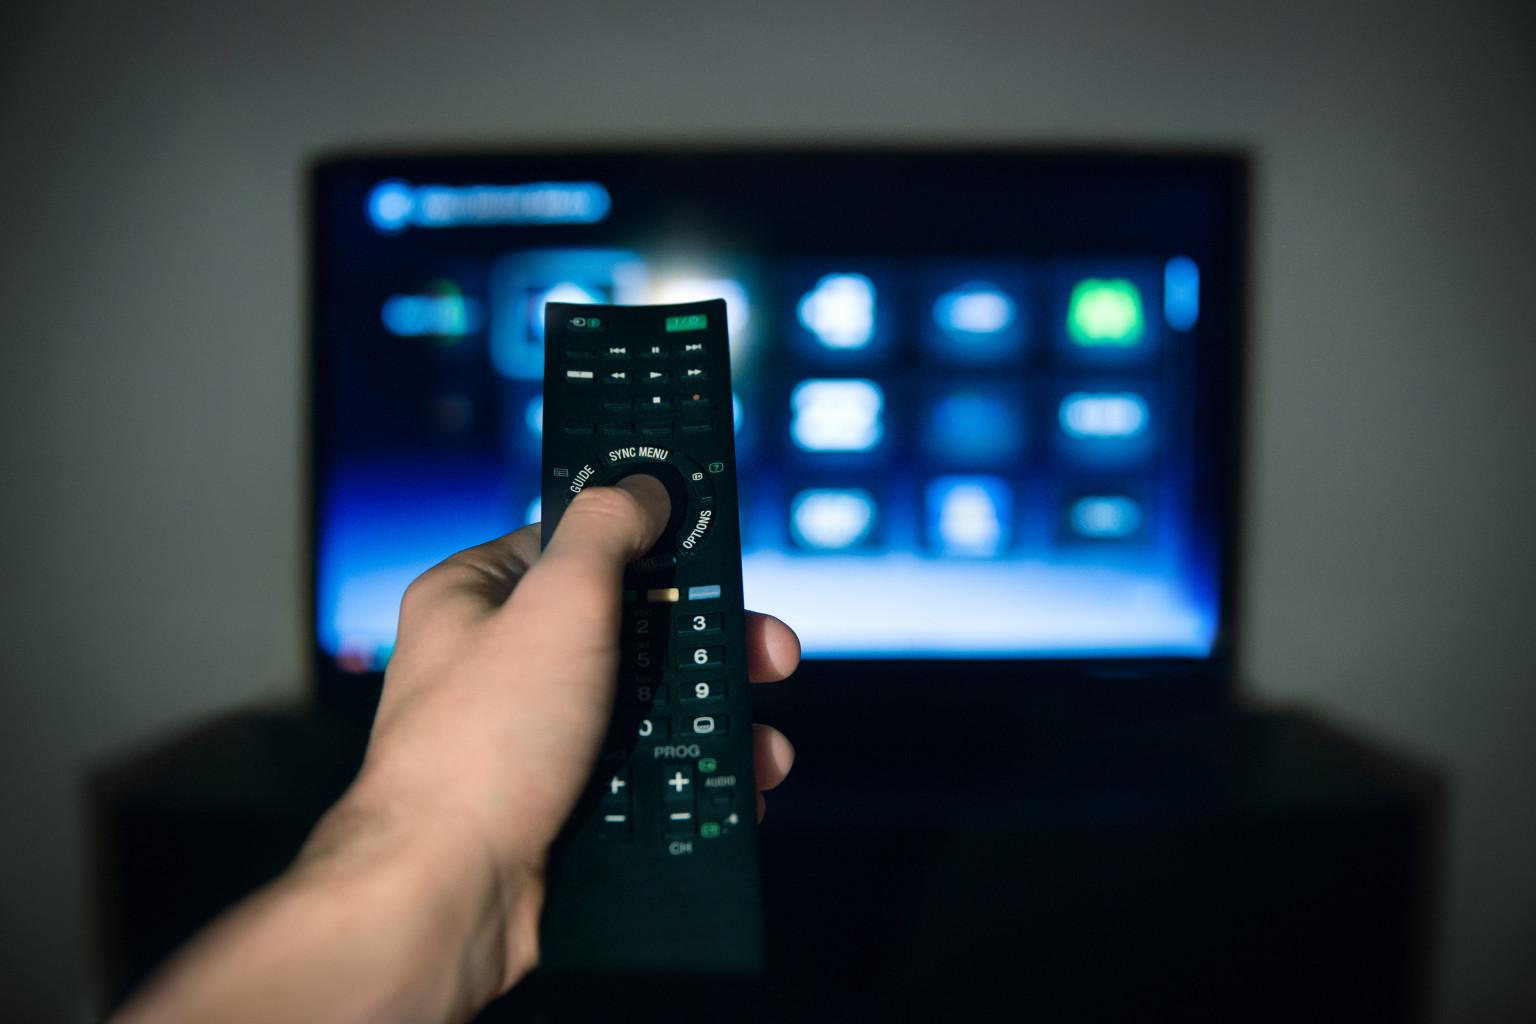 Телевизор на морозе: можно ли перевозить, хранить и использовать технику при низких температурах?